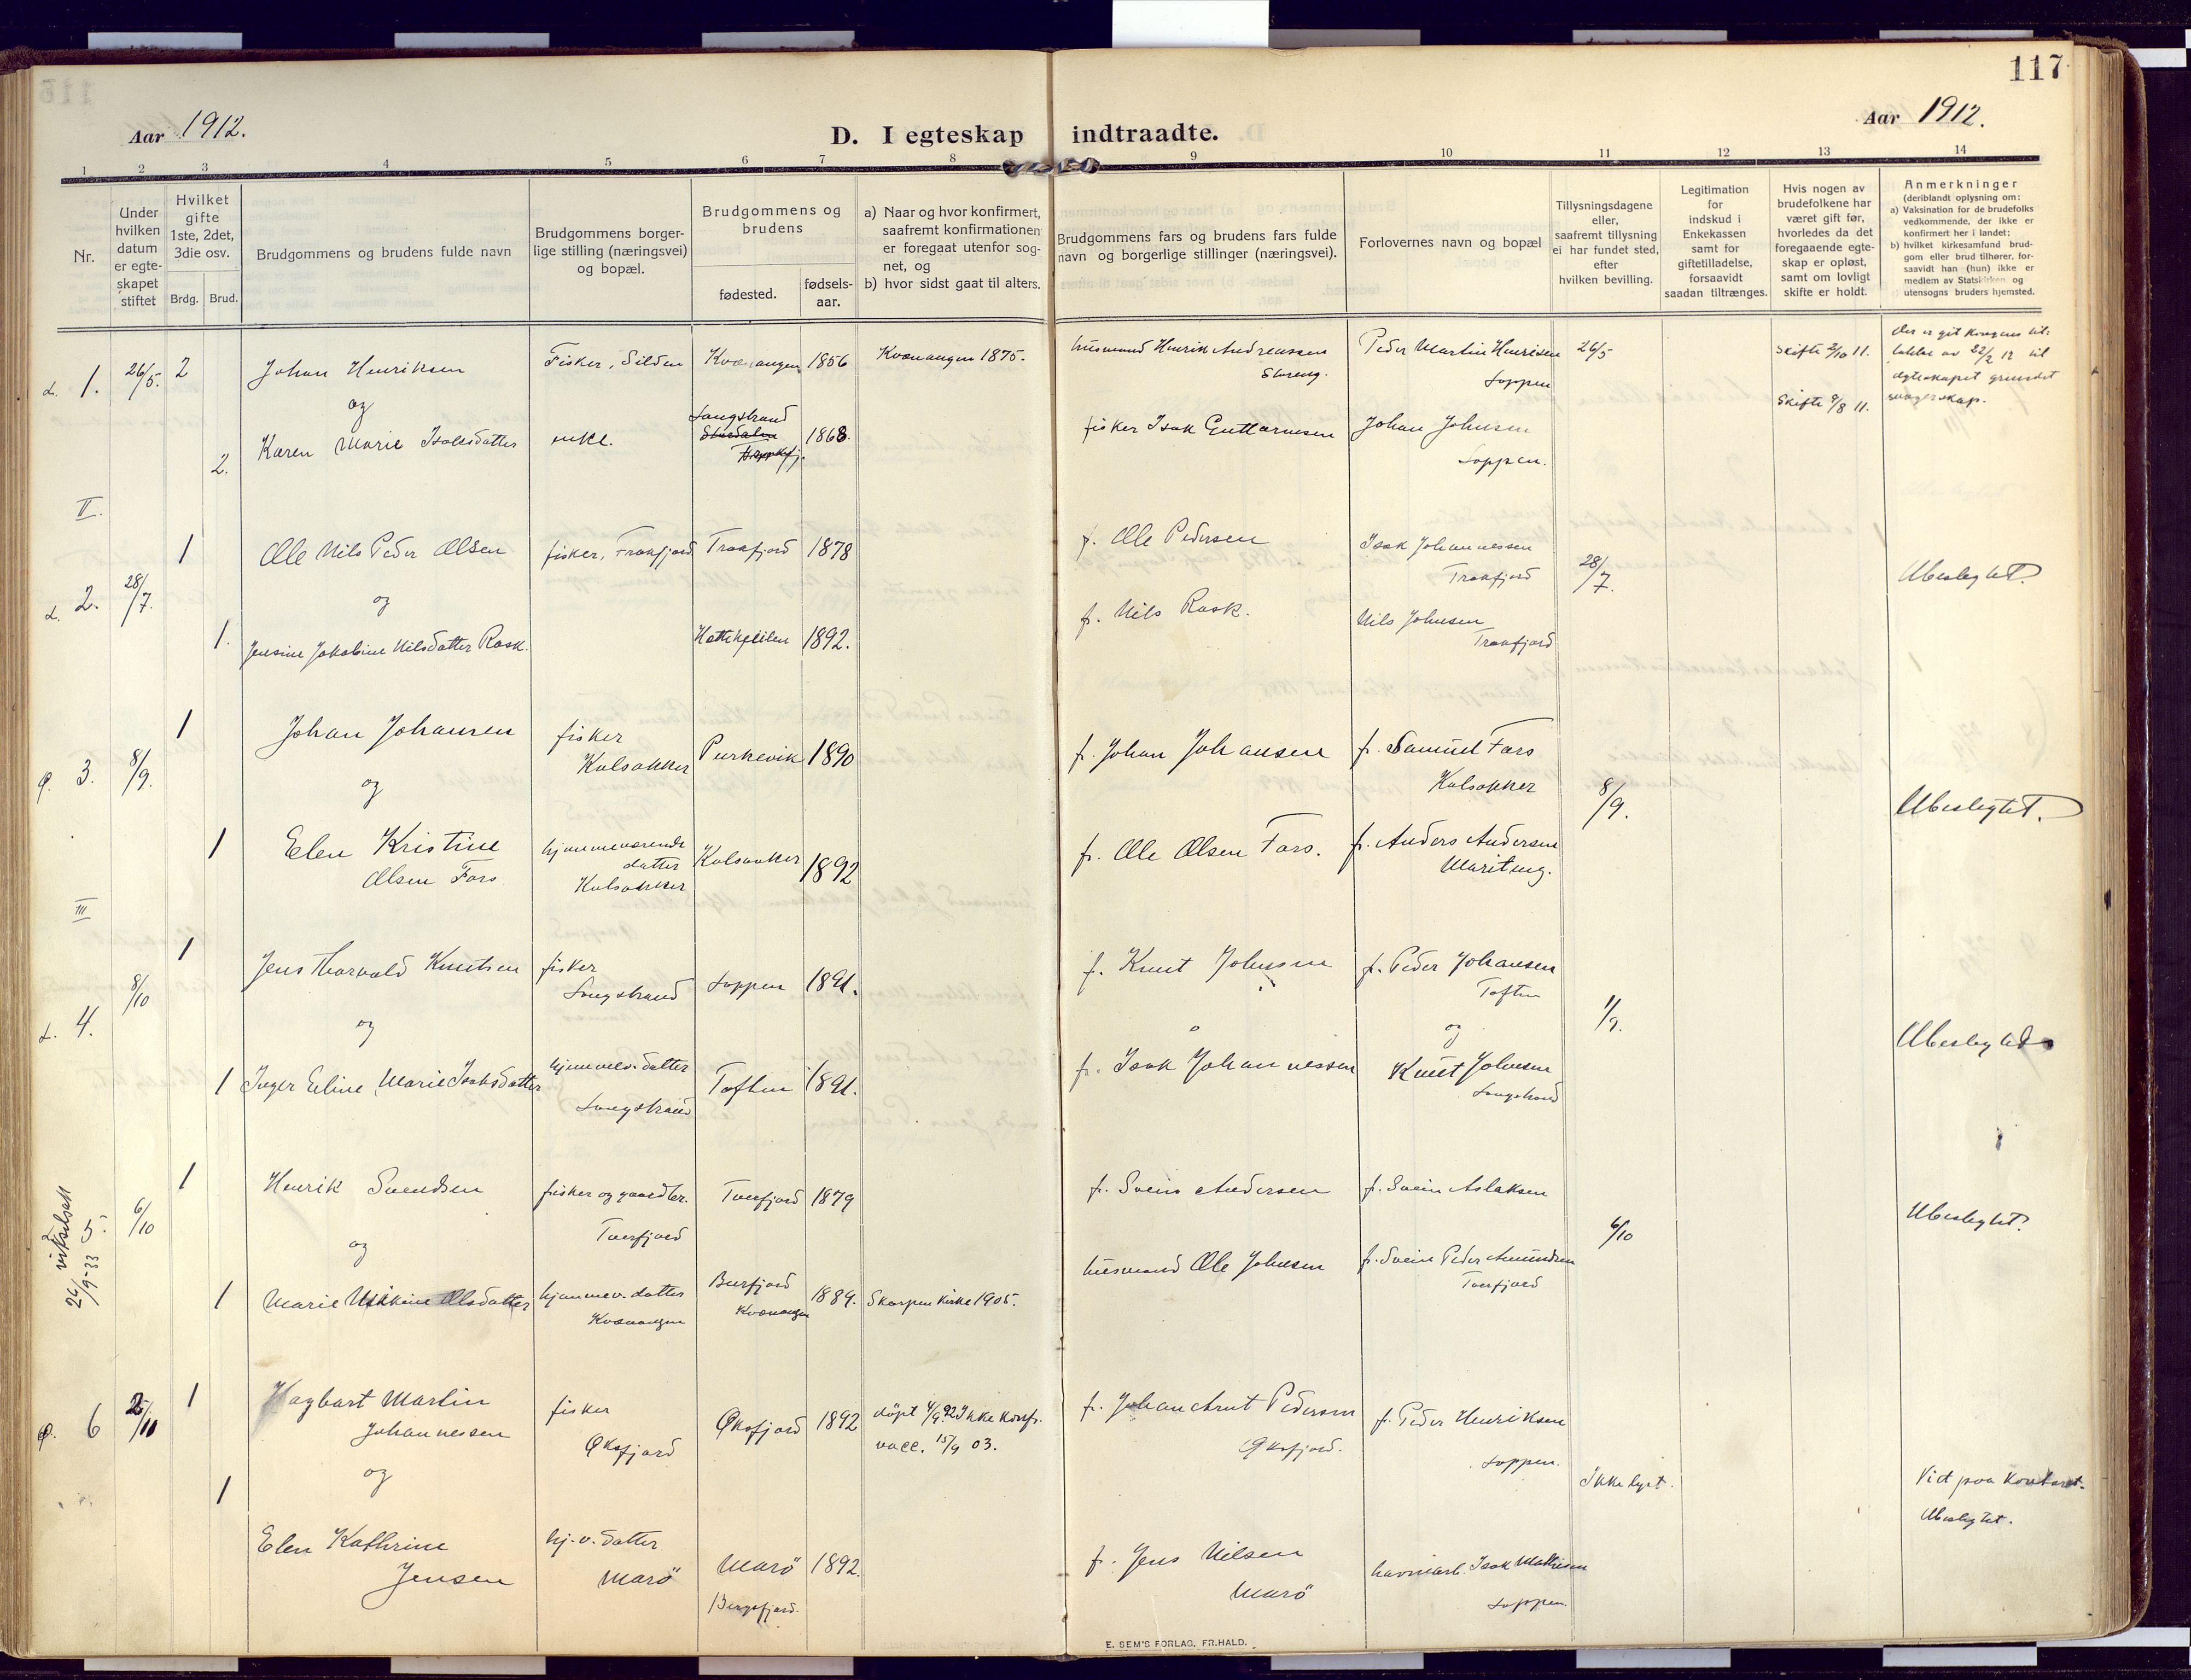 SATØ, Loppa sokneprestkontor, H/Ha/L0011kirke: Ministerialbok nr. 11, 1909-1919, s. 117